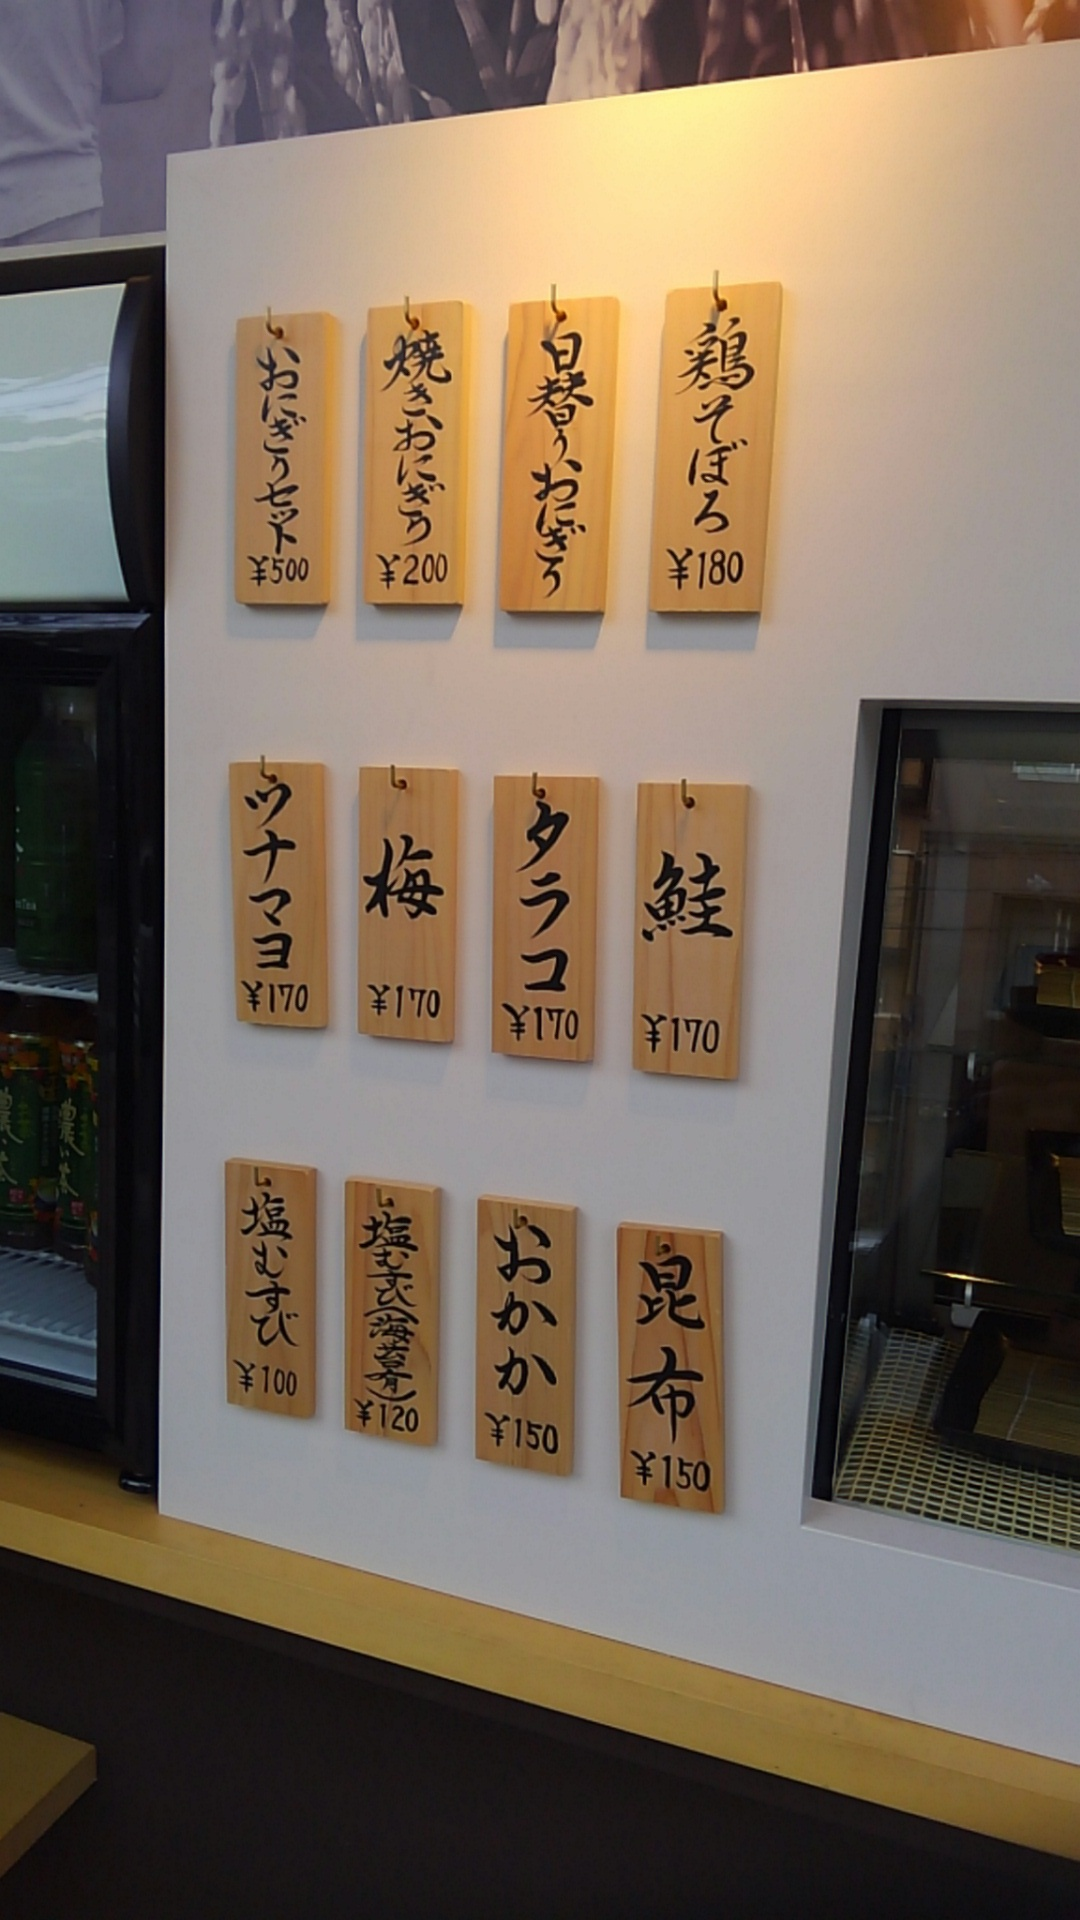 オニギリ・イチゴー 神戸店